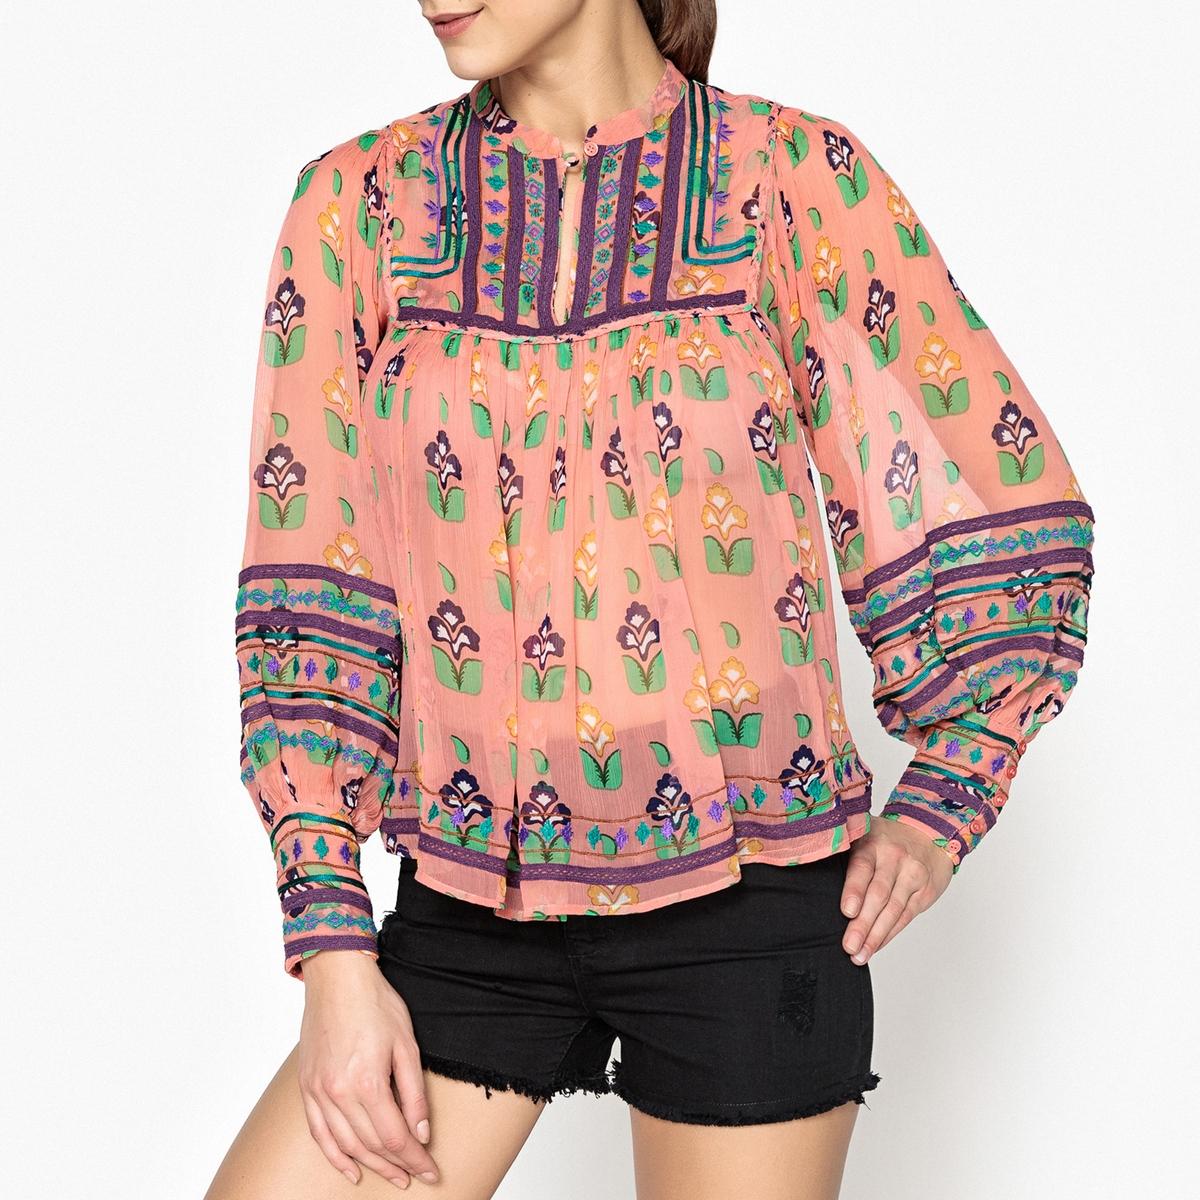 Топ-блузка из вуали с принтом MIA BLOUSE блузка с принтом